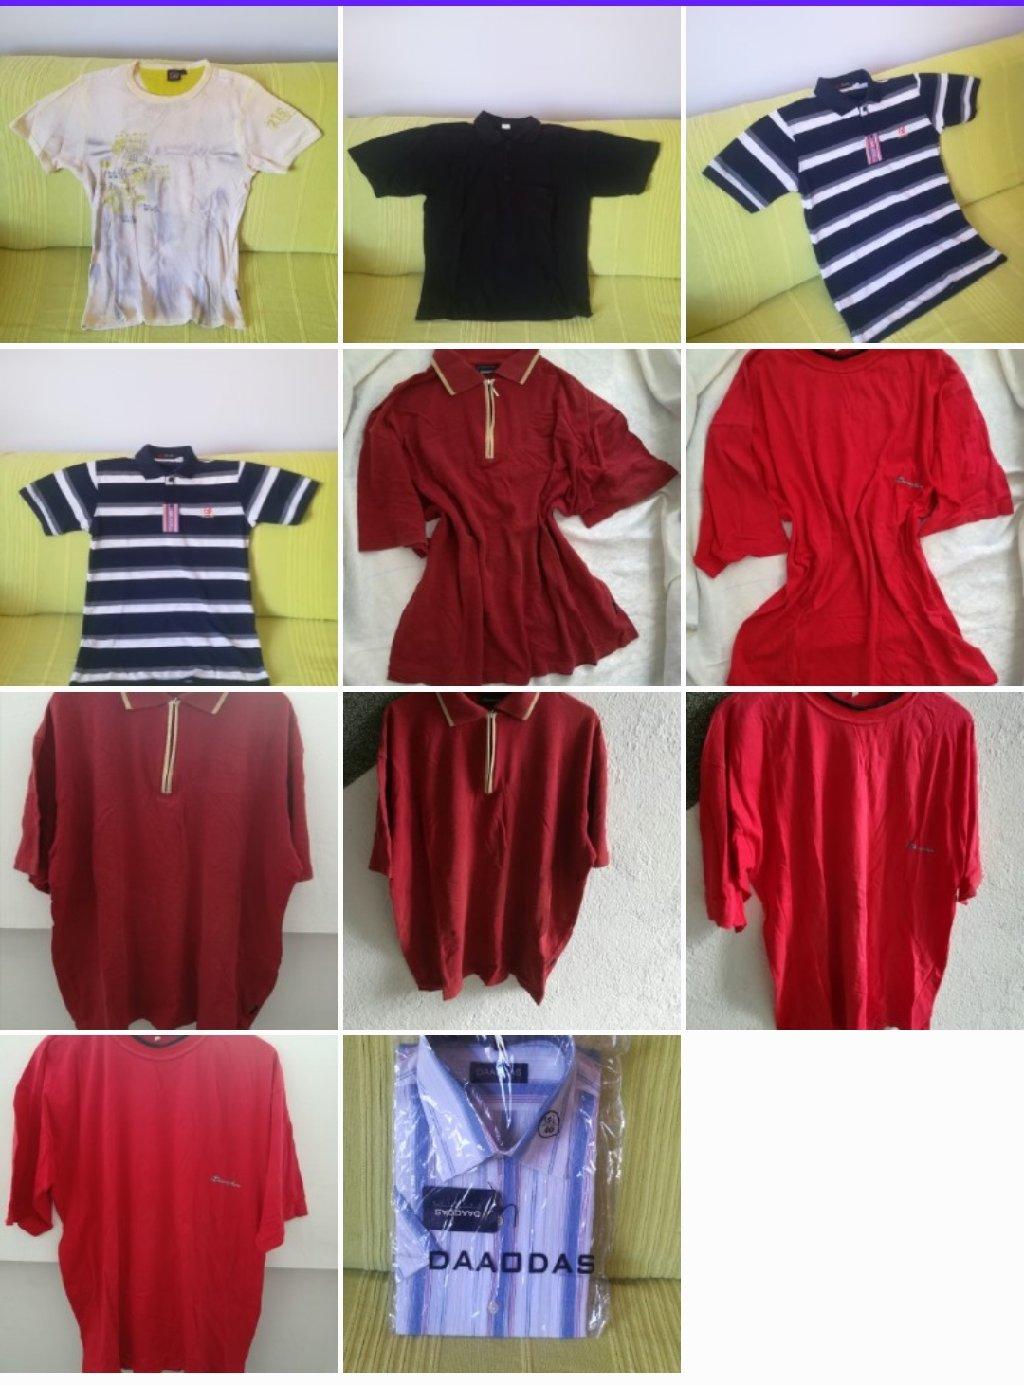 Paket majica kratak rukav 4 kom sve za 400  din, vel XL, košulja nije nošene, sa etiketom, 2 majce crvene i jedna bela nošene ali u dobrom stanju